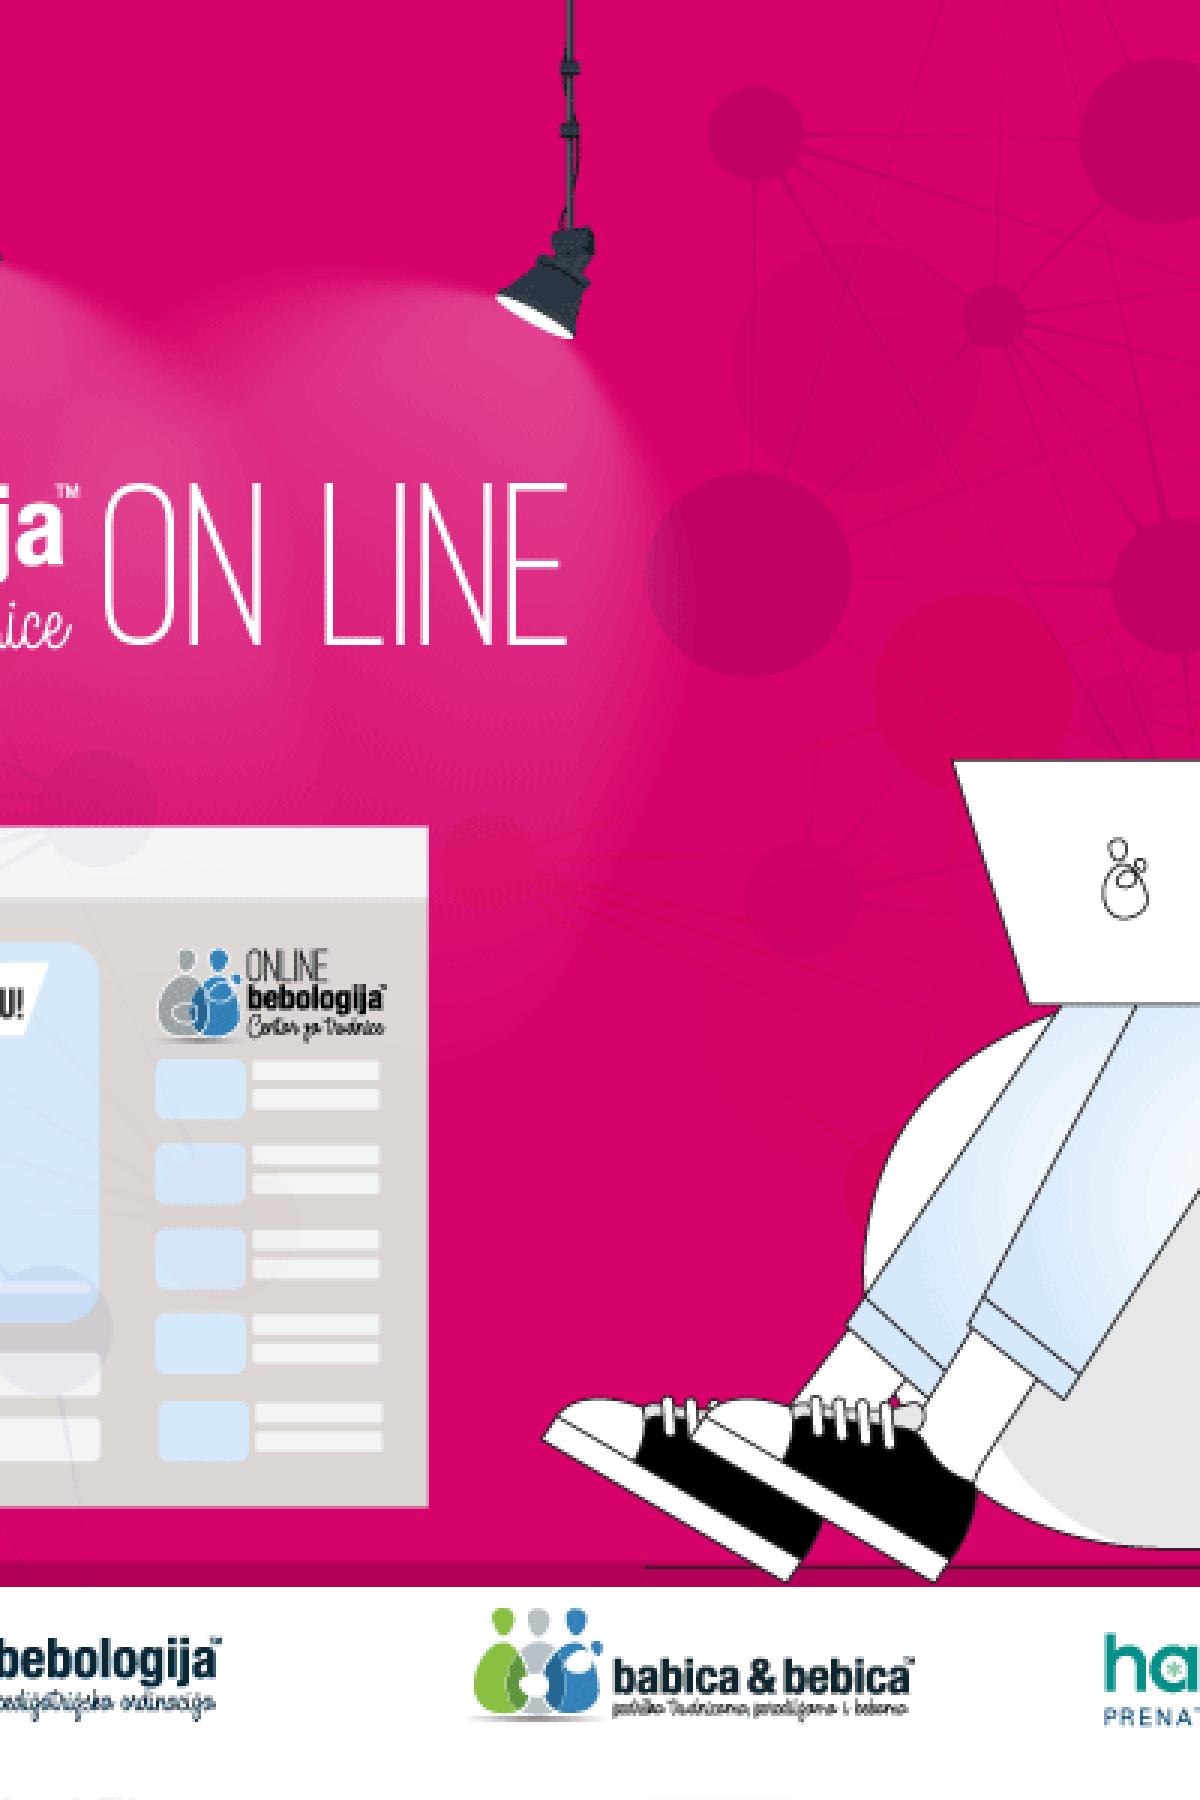 Kako bismo izašli u susret svim trudnicama u Srbiji, Centar za trudnice BEBOLOGIJA je svoje aktivnosti preusmerio u onlajn aktivnosti i organizovao Onlajn Centar za trudnice – Bebologija. Pogledajte raspored predavanja od 20. do 23. oktobra i prijavite se!